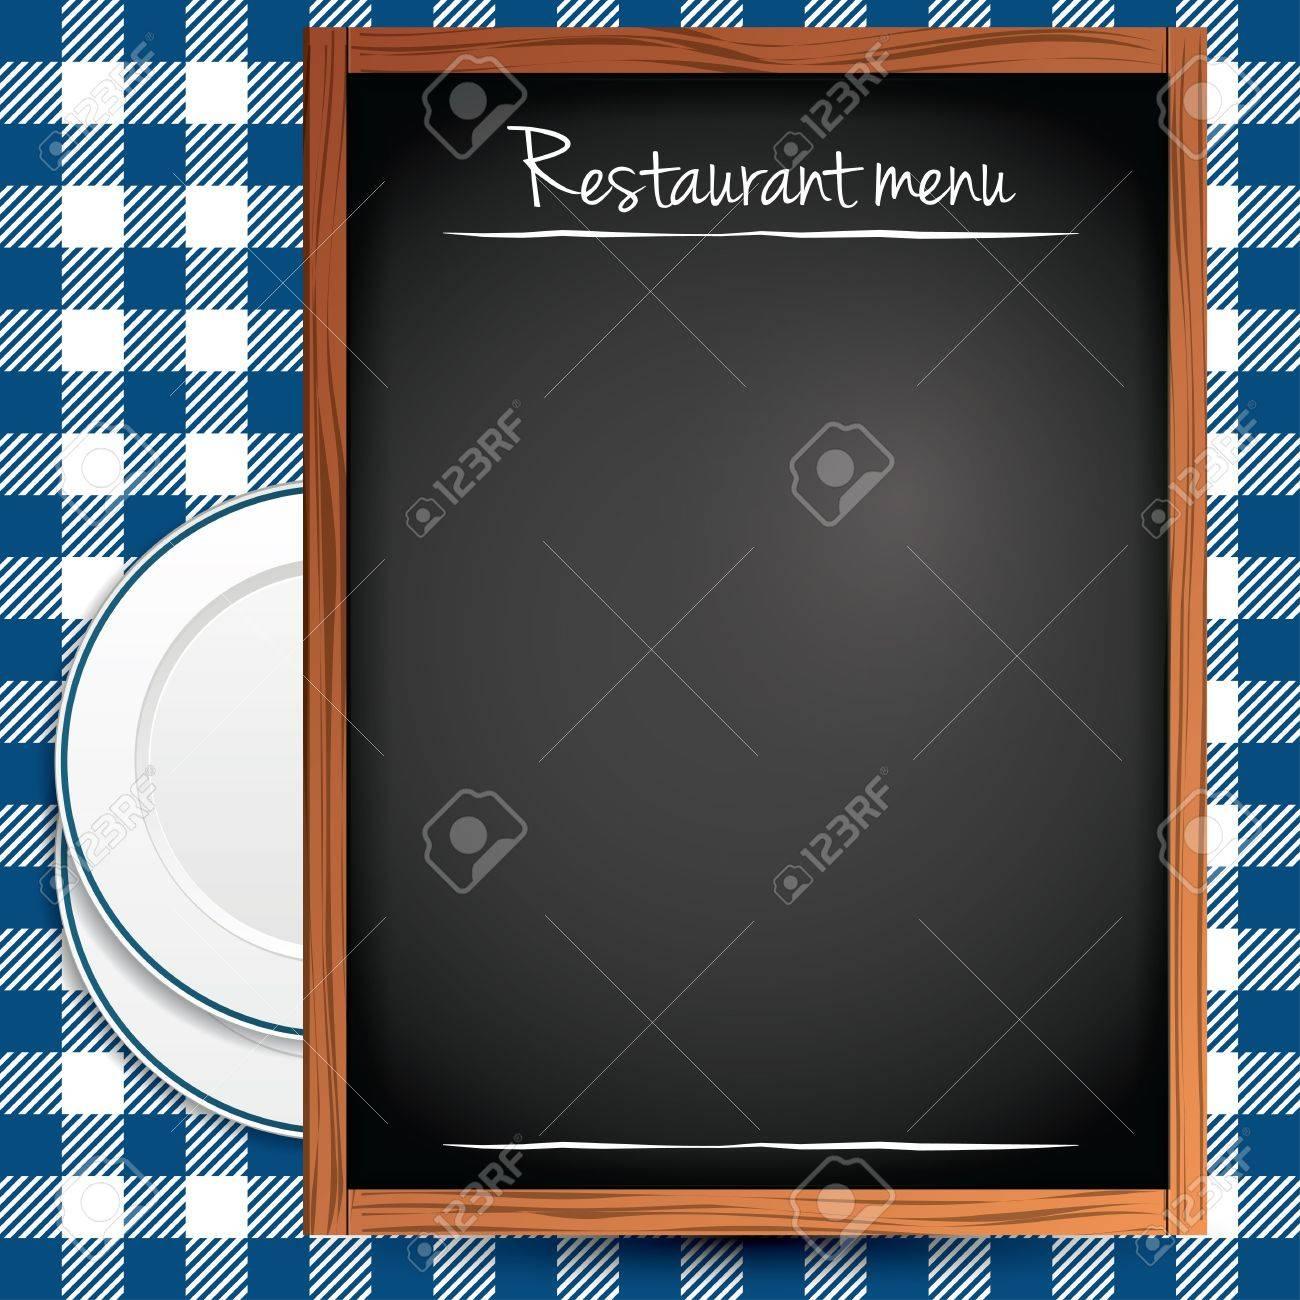 Empty blackboard - Restaurant menu background Stock Vector - 16464815